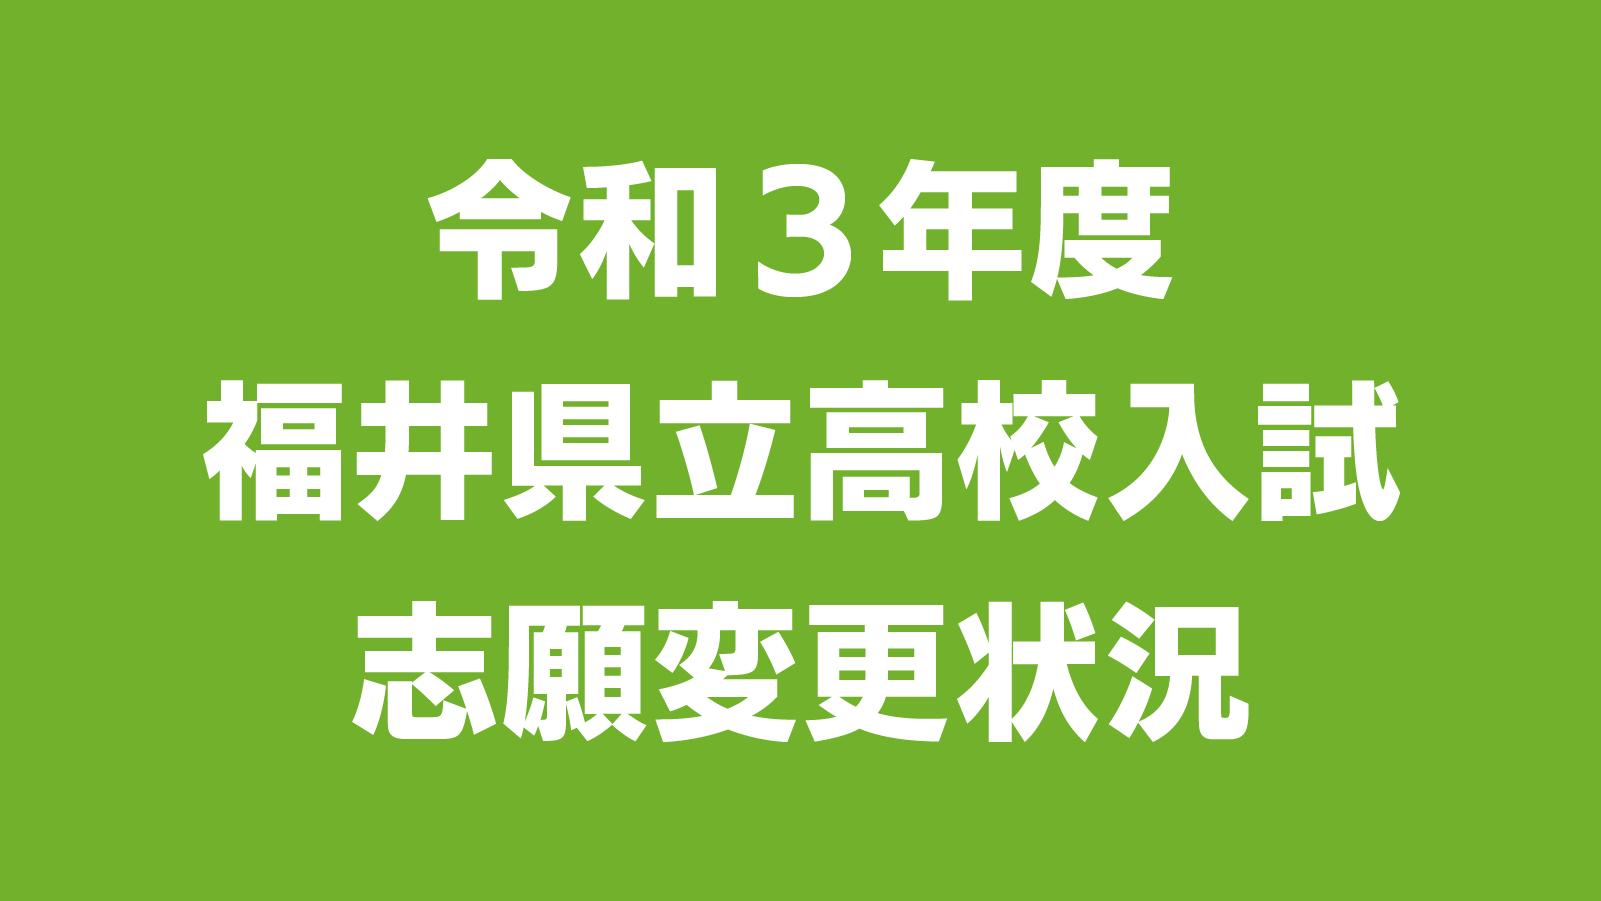 令和3年度 福井県立高校入試 志願変更状況(最終日)